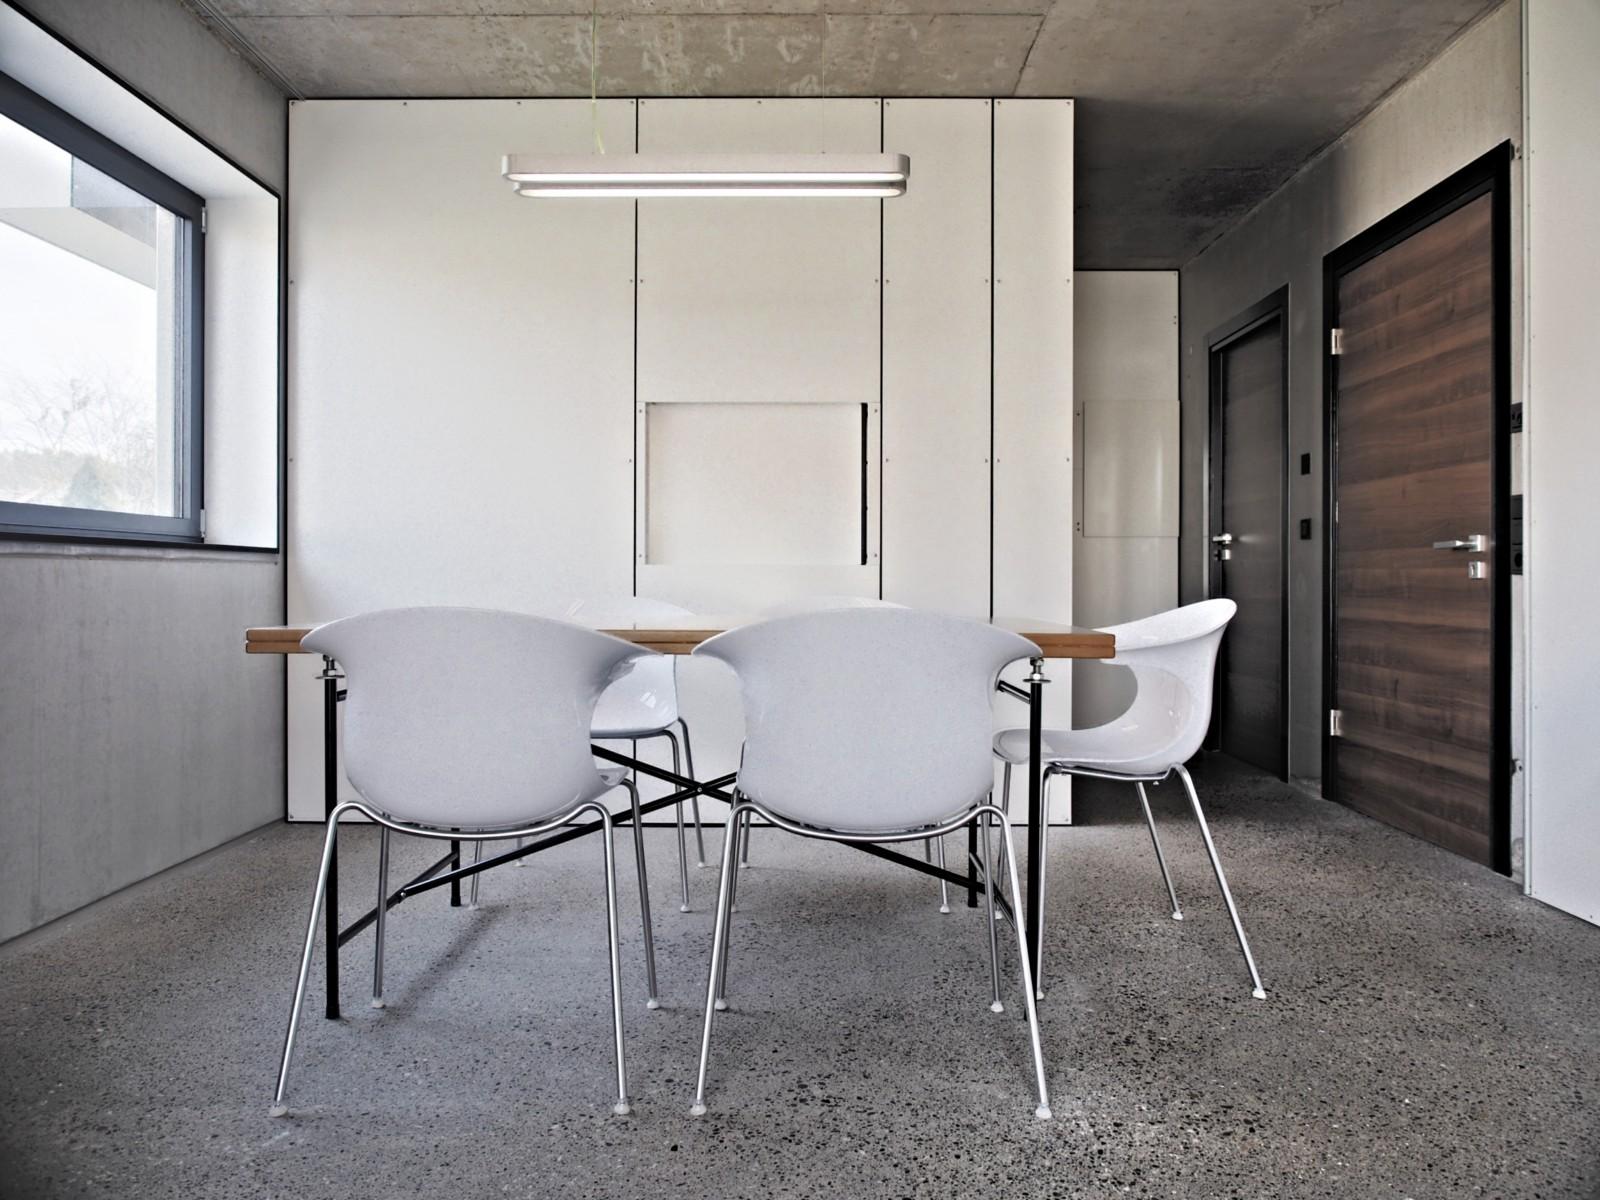 Ess- und Küchenbereich, Foto: O.M.F. Beutter Architekten